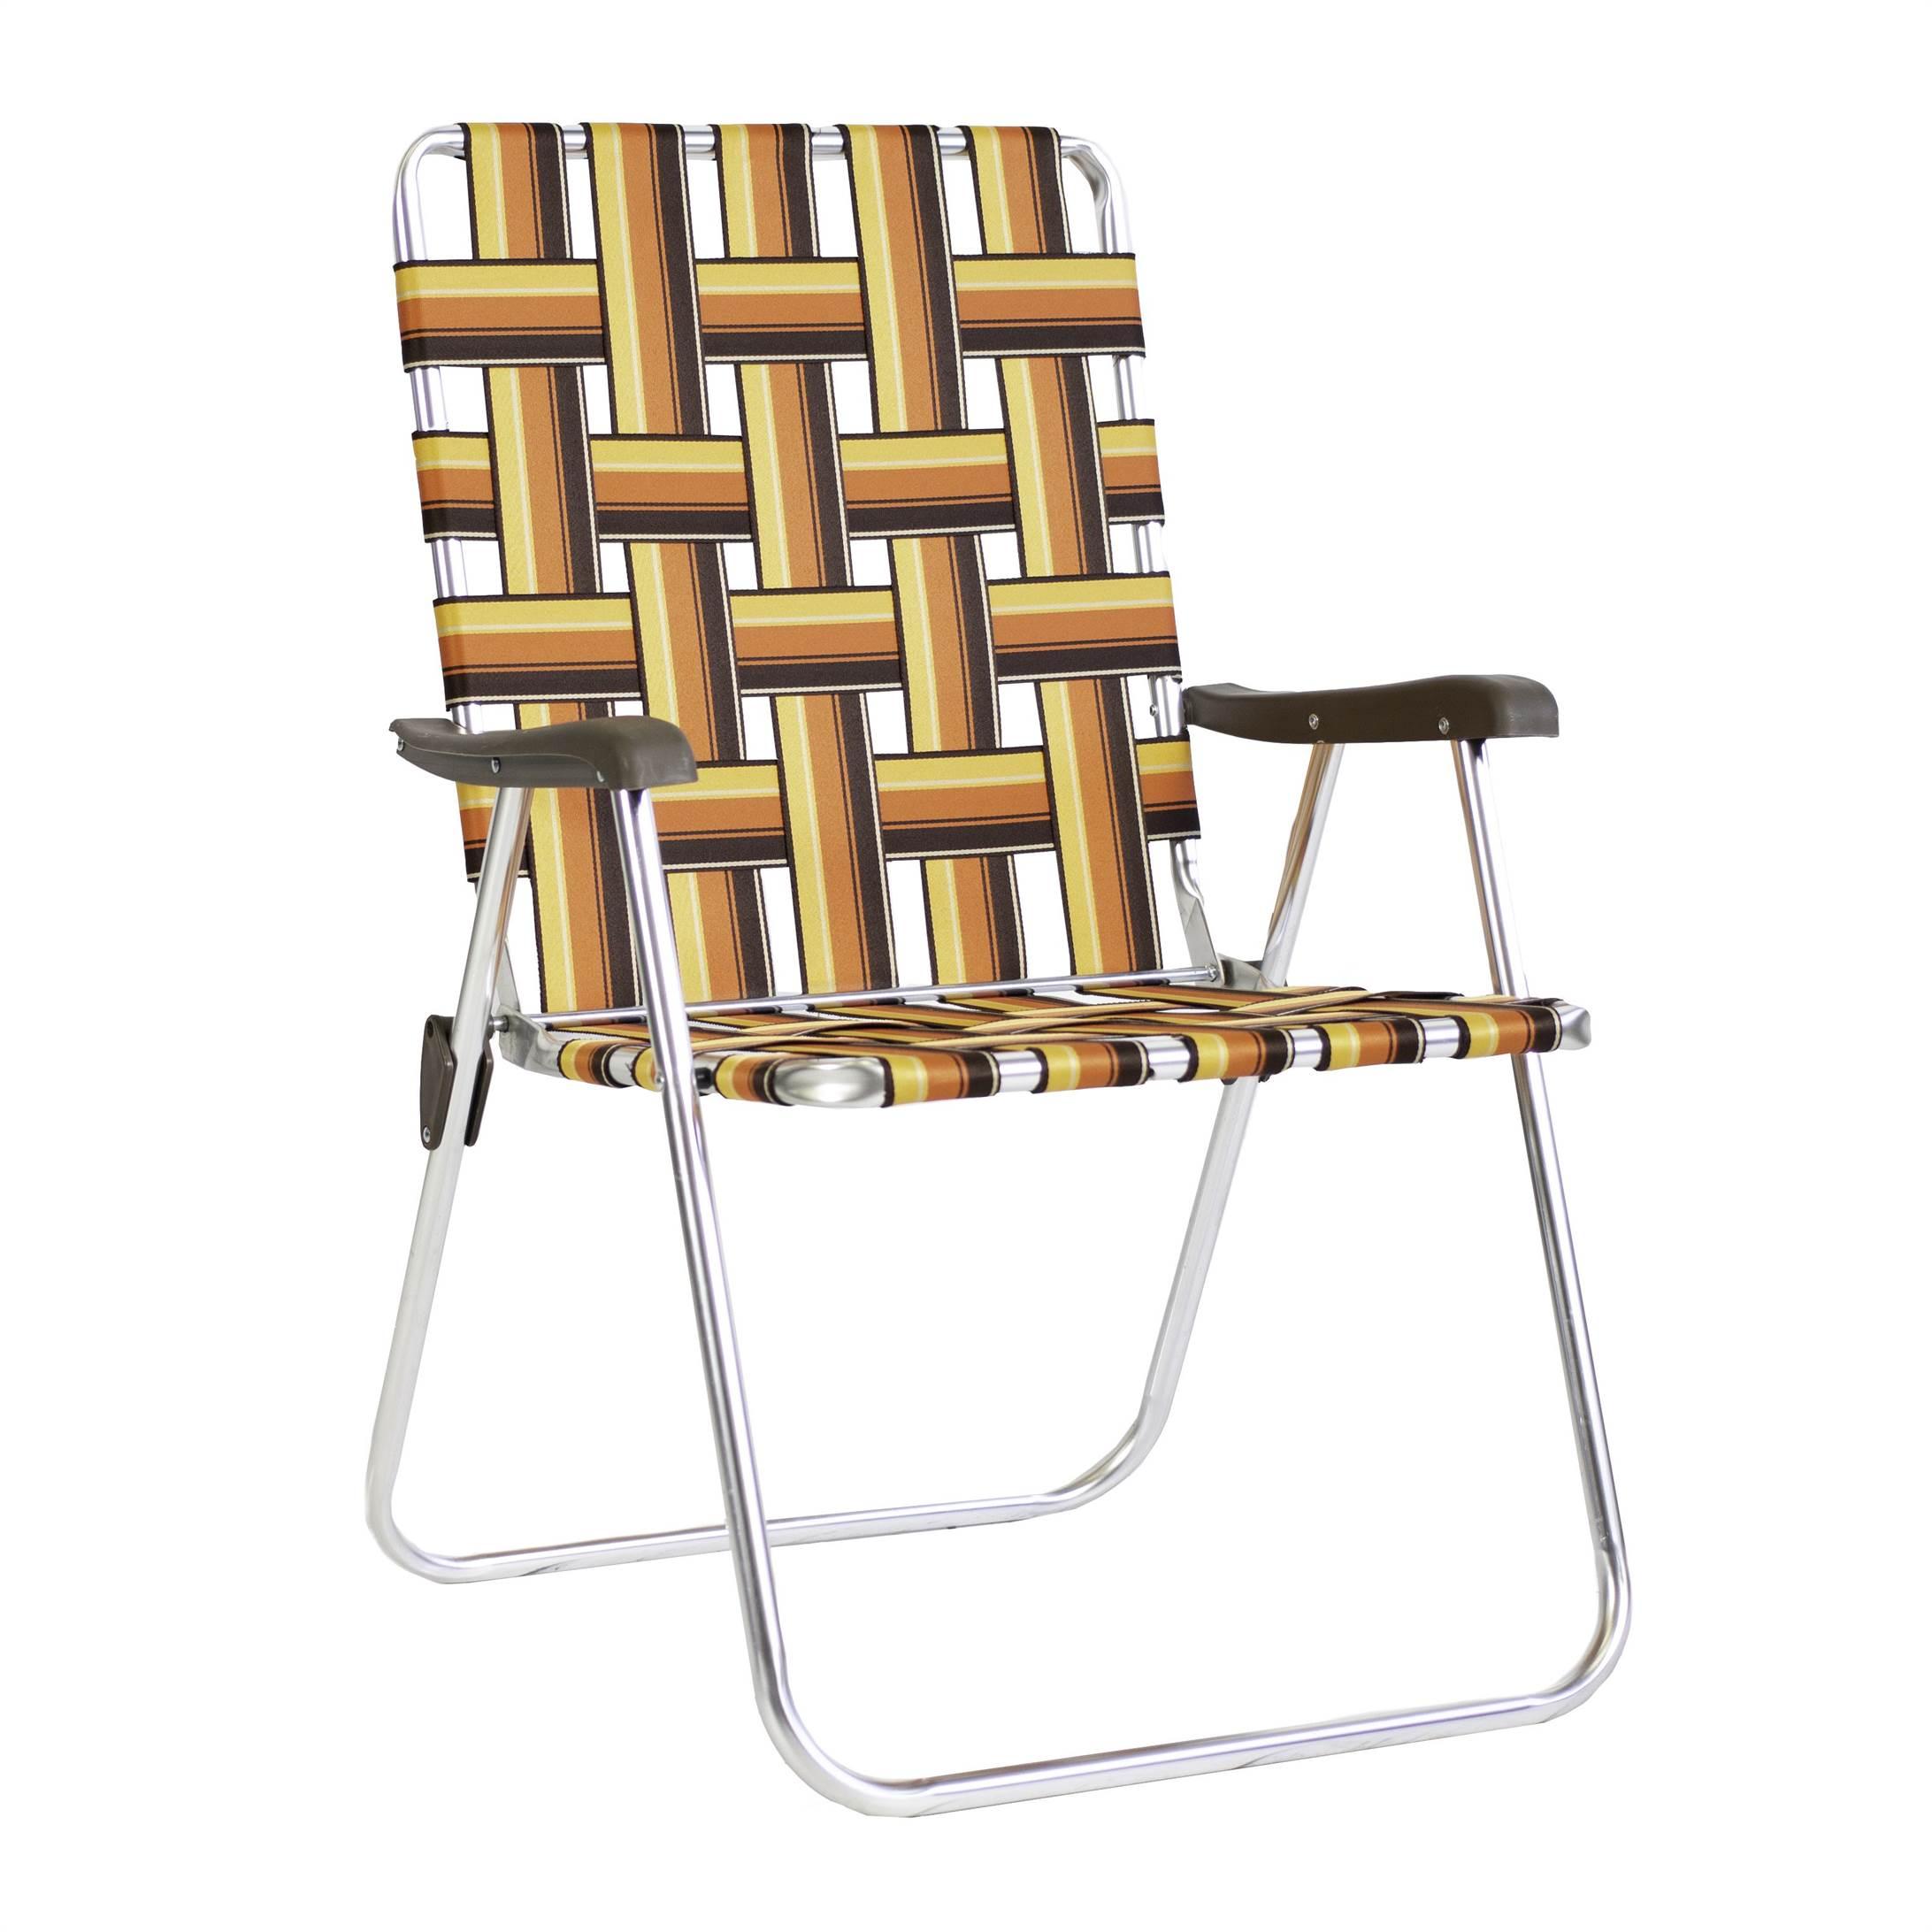 Kelso Backtrack Chair - Orange/Brown